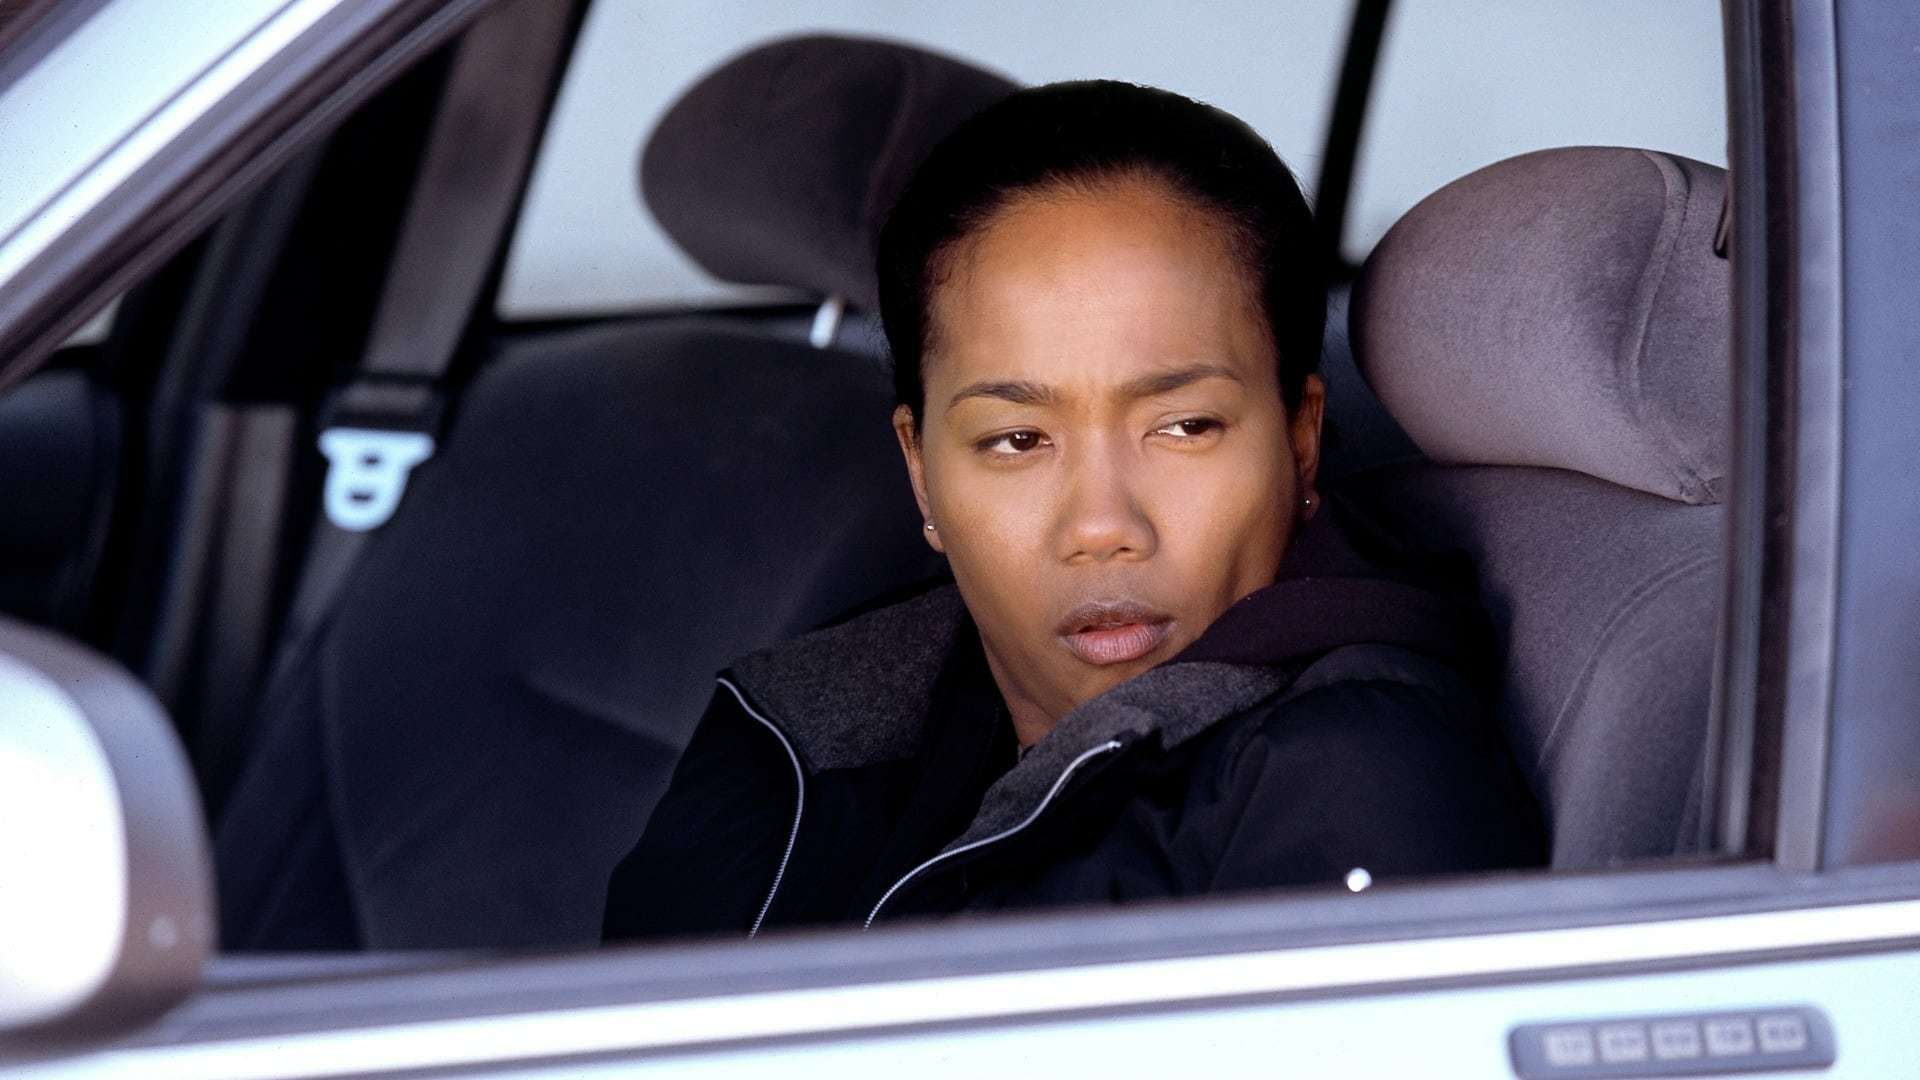 Кадры из фильма Прослушка The Wire 2002